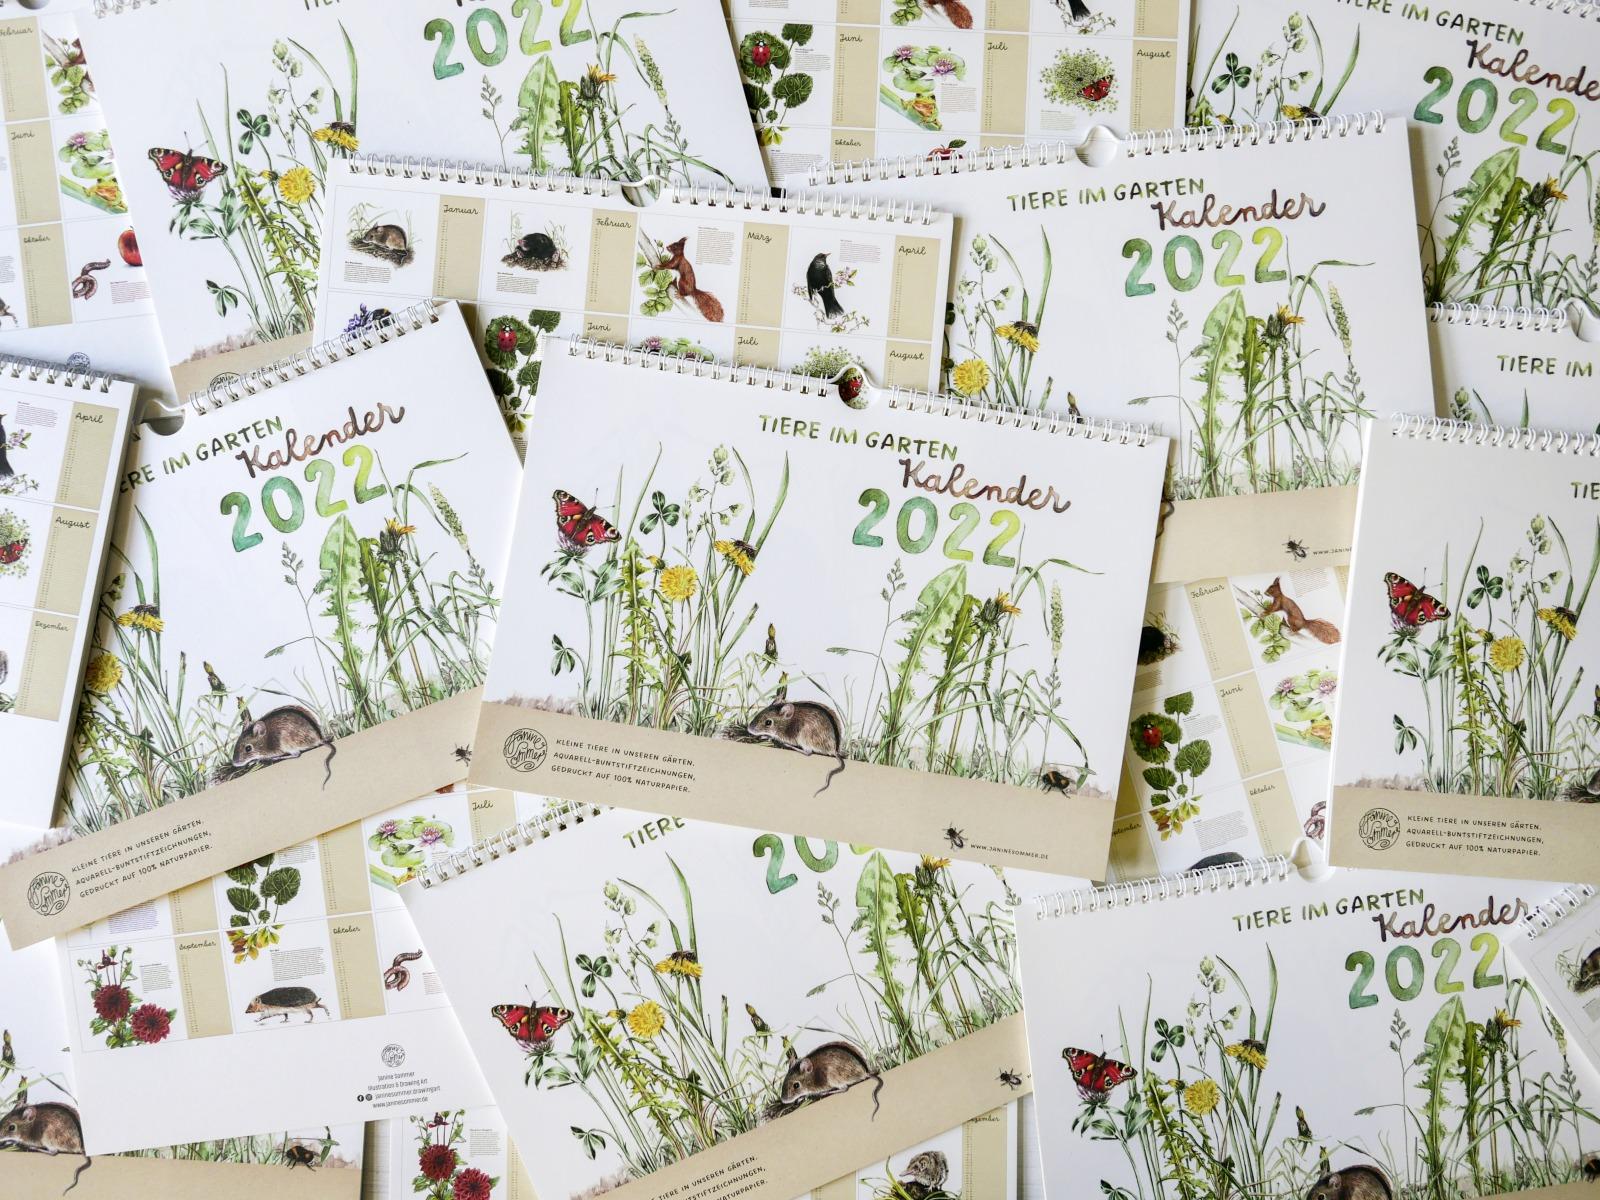 Tiere im Garten Kalender Wandkalender Tierkalender